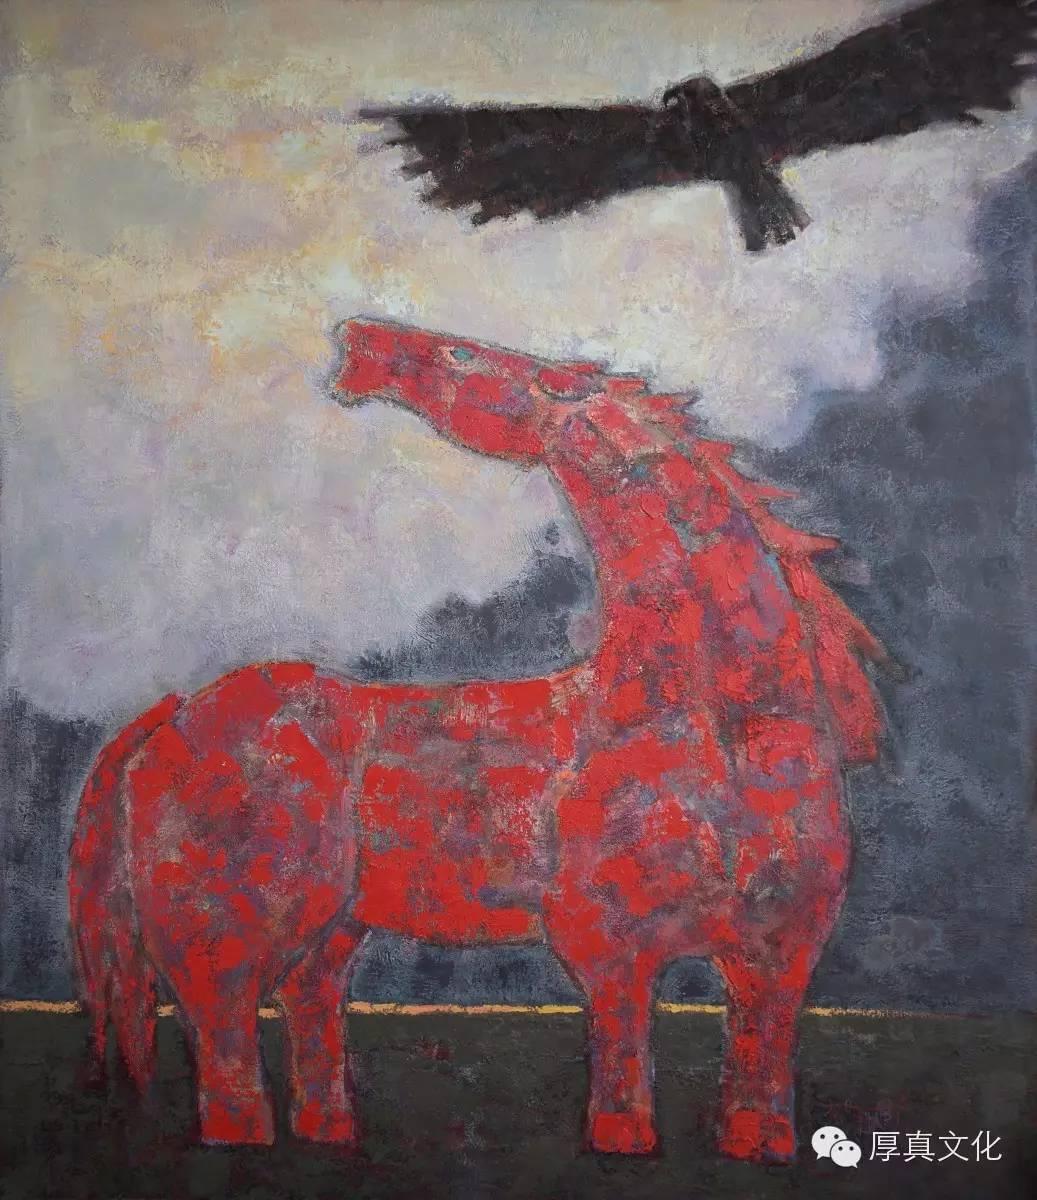 【蒙古人】画家——格日乐图 第9张 【蒙古人】画家——格日乐图 蒙古画廊